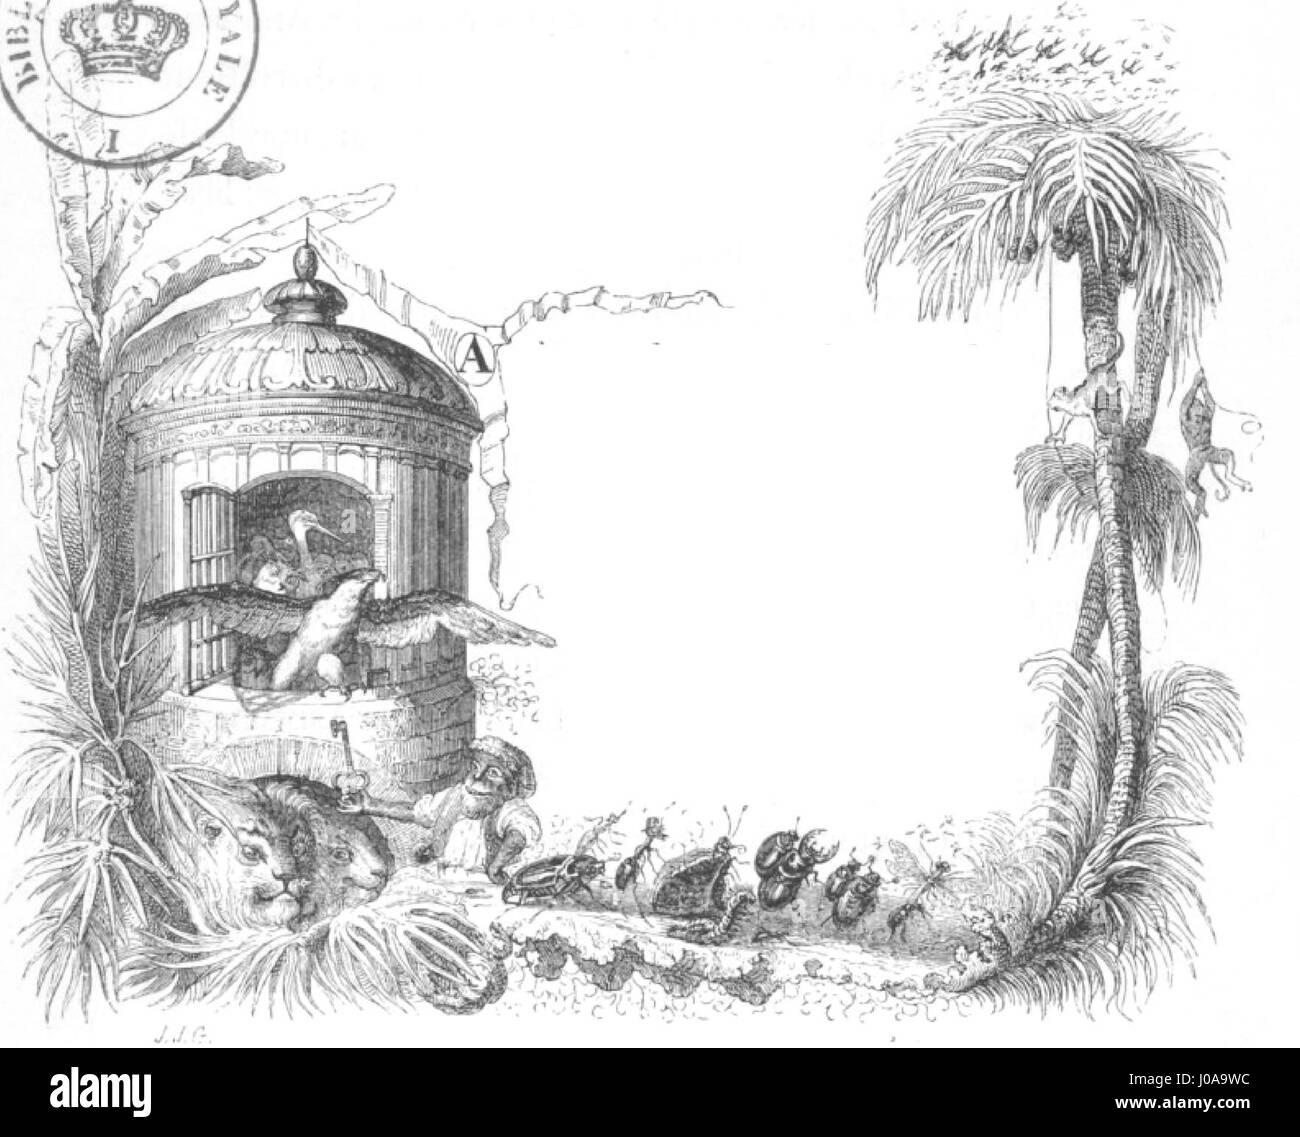 Scènes de la vie privée et publique des animaux, tome 1 0033b - Stock Image